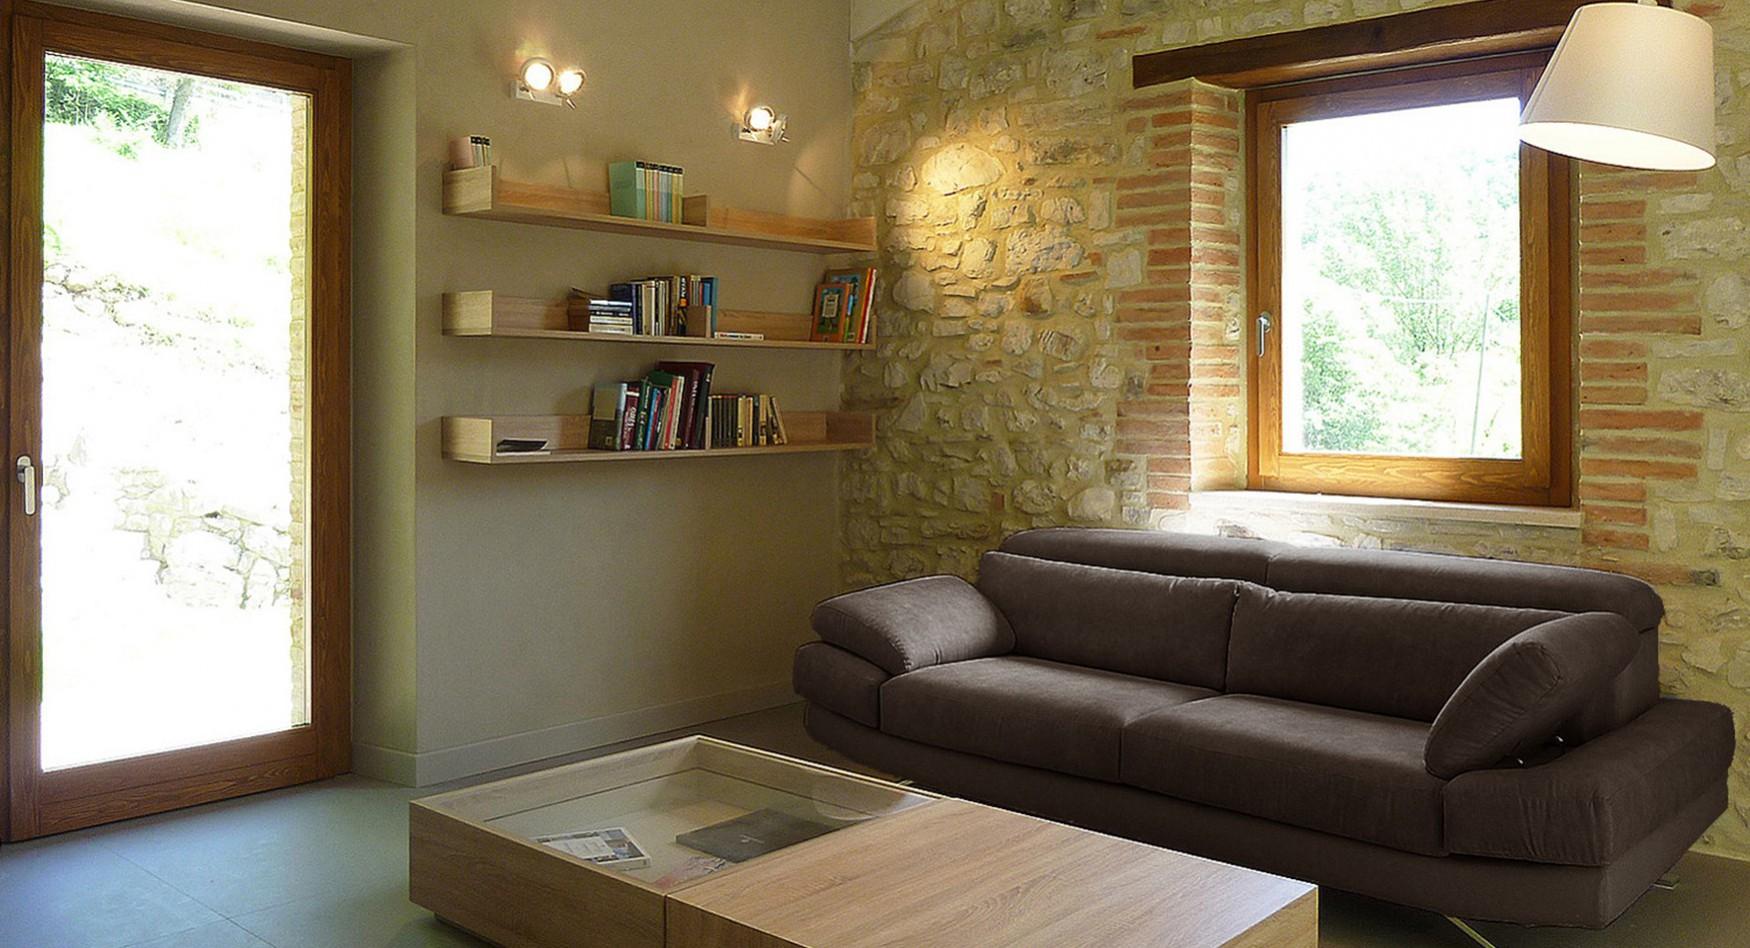 Stefano zaghini architetto interior designer rimini for Architetto interior design